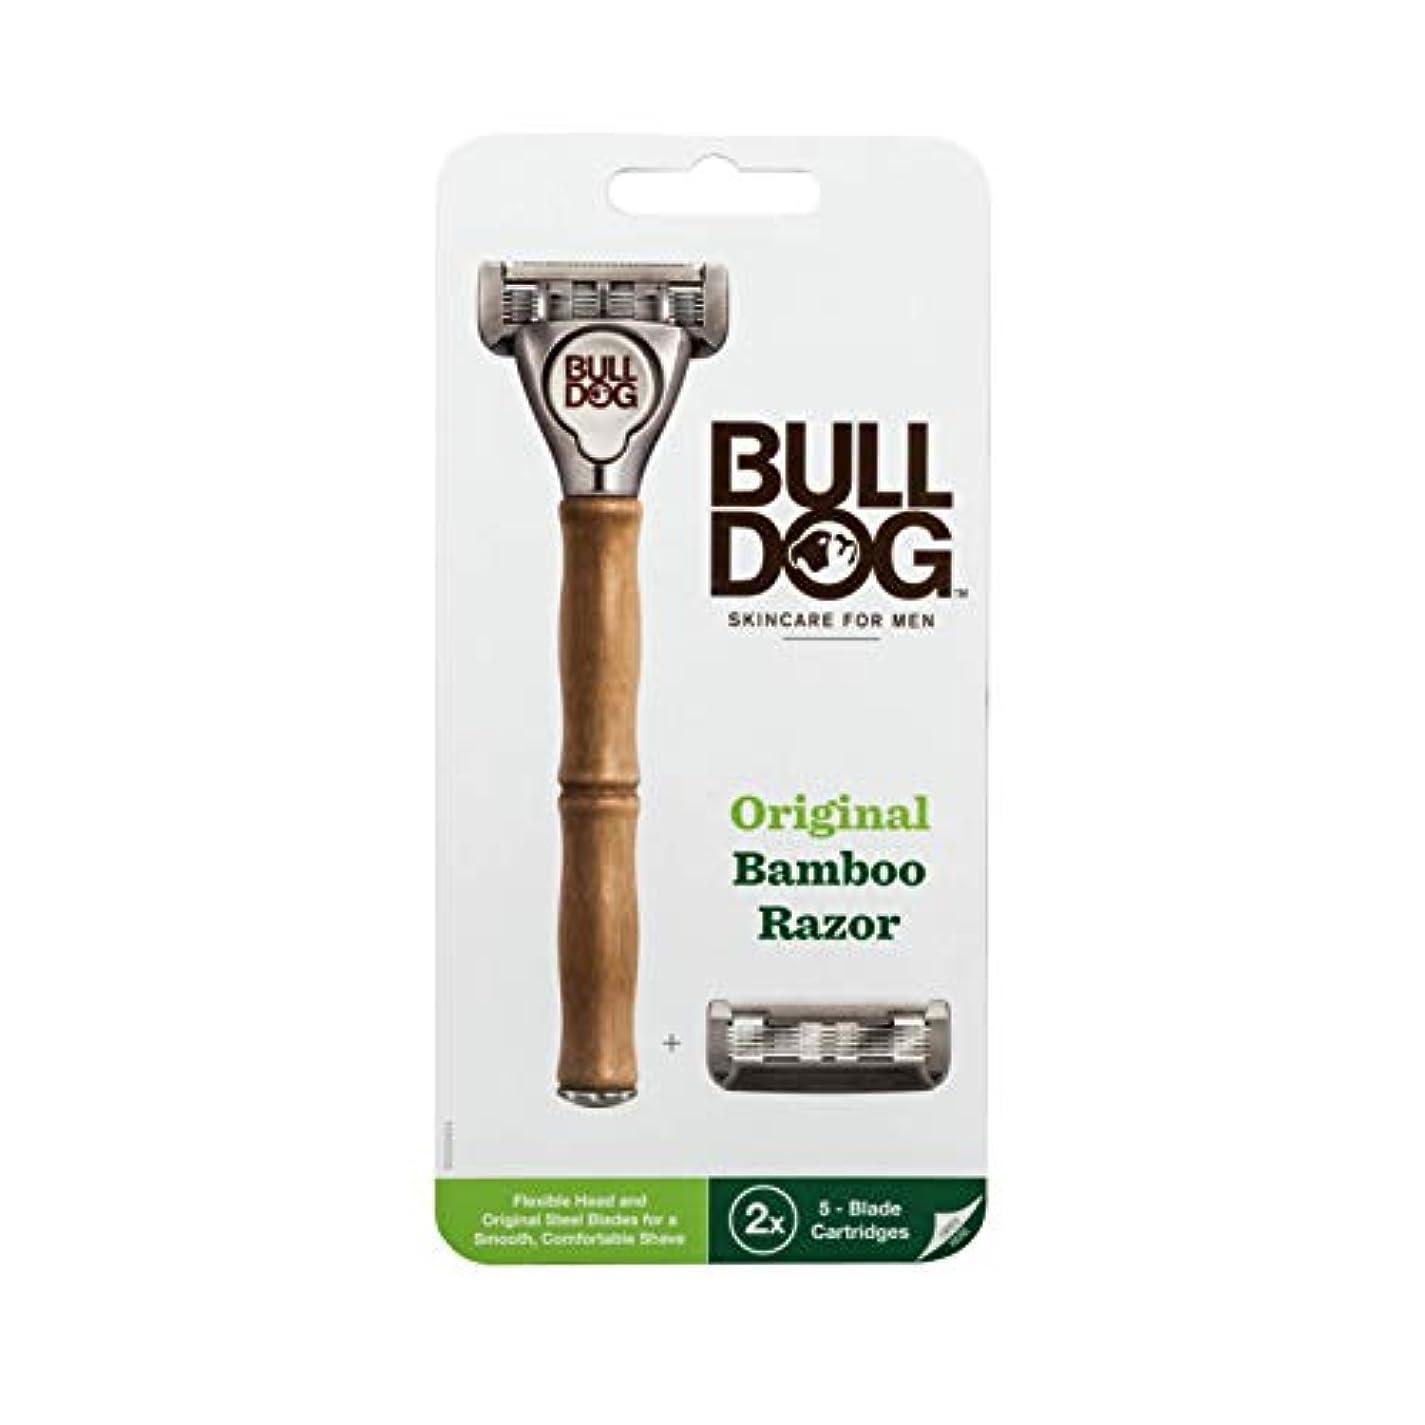 氷抱擁スクラップBulldog(ブルドッグ) ブルドッグ Bulldog 5枚刃 オリジナルバンブーホルダー 水に強い竹製ハンドル 替刃 2コ付 男性カミソリ ホルダー(1本)、替刃2コ付き(内1コ本体装着済み)